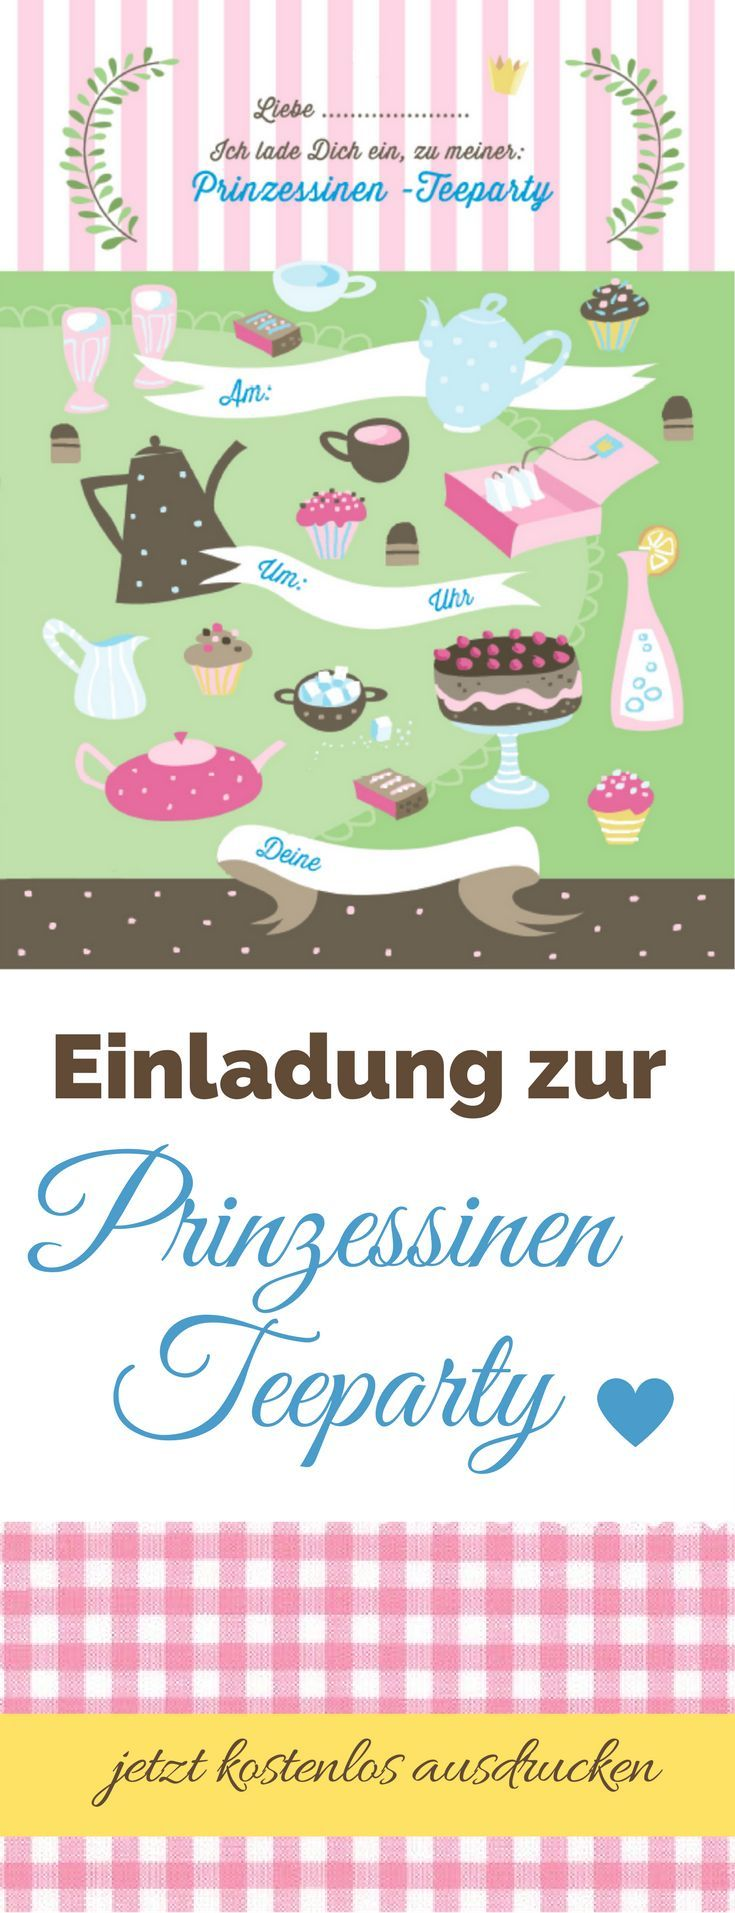 """Prinzessinnen Einladung für die Prinzessinnen Party. Kostenlose Vorlage zum Ausdrucken - einfach downloaden. Aus meinem Buch """"Die Spieletrickkiste"""" - habe ich für euch auf meinen Blog umsonst zum Download bereit gestellt."""